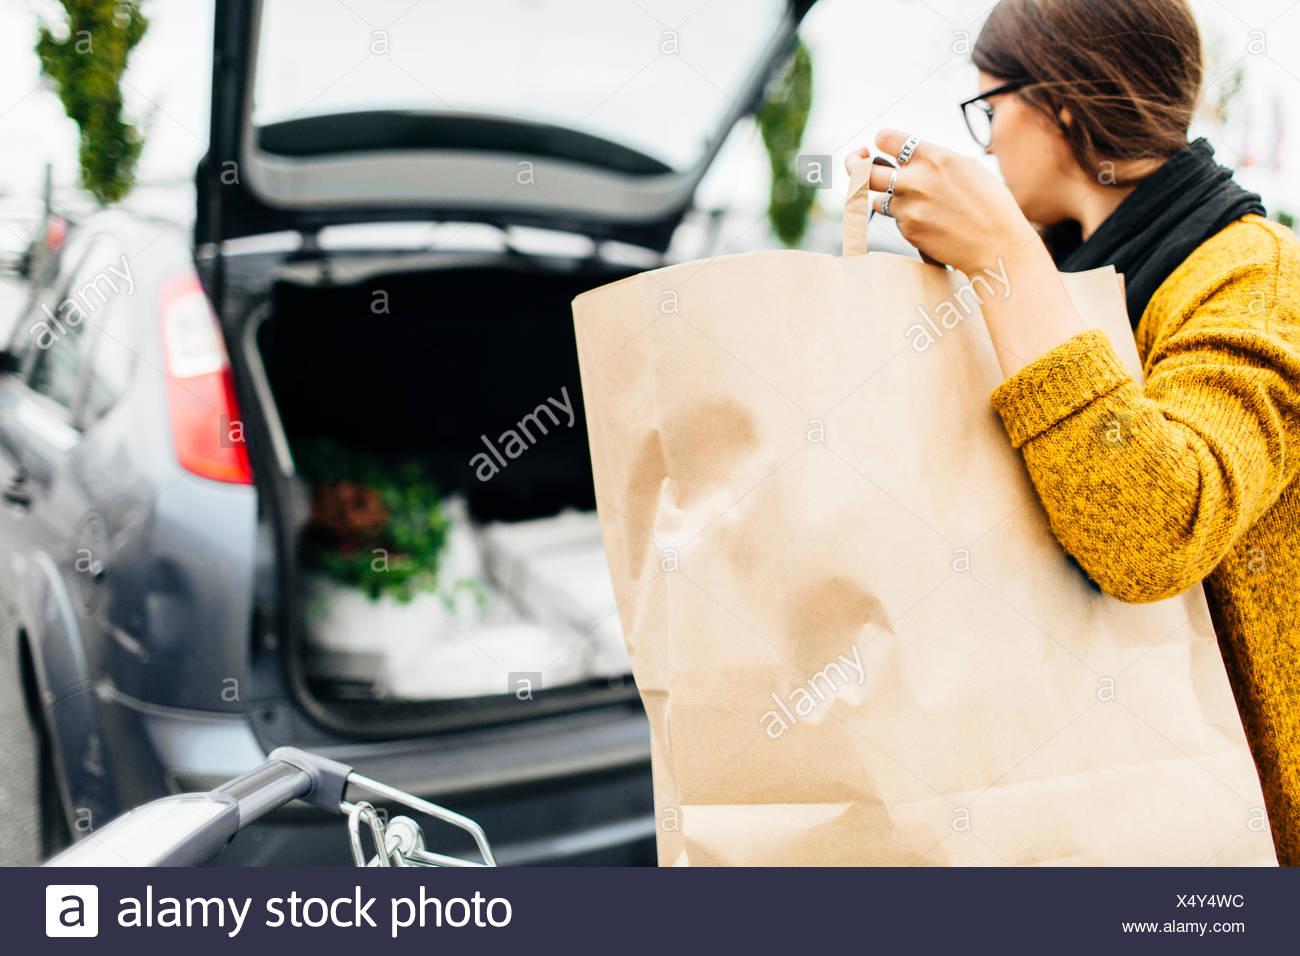 Jeune femme loading panier dans coffre de voiture Photo Stock